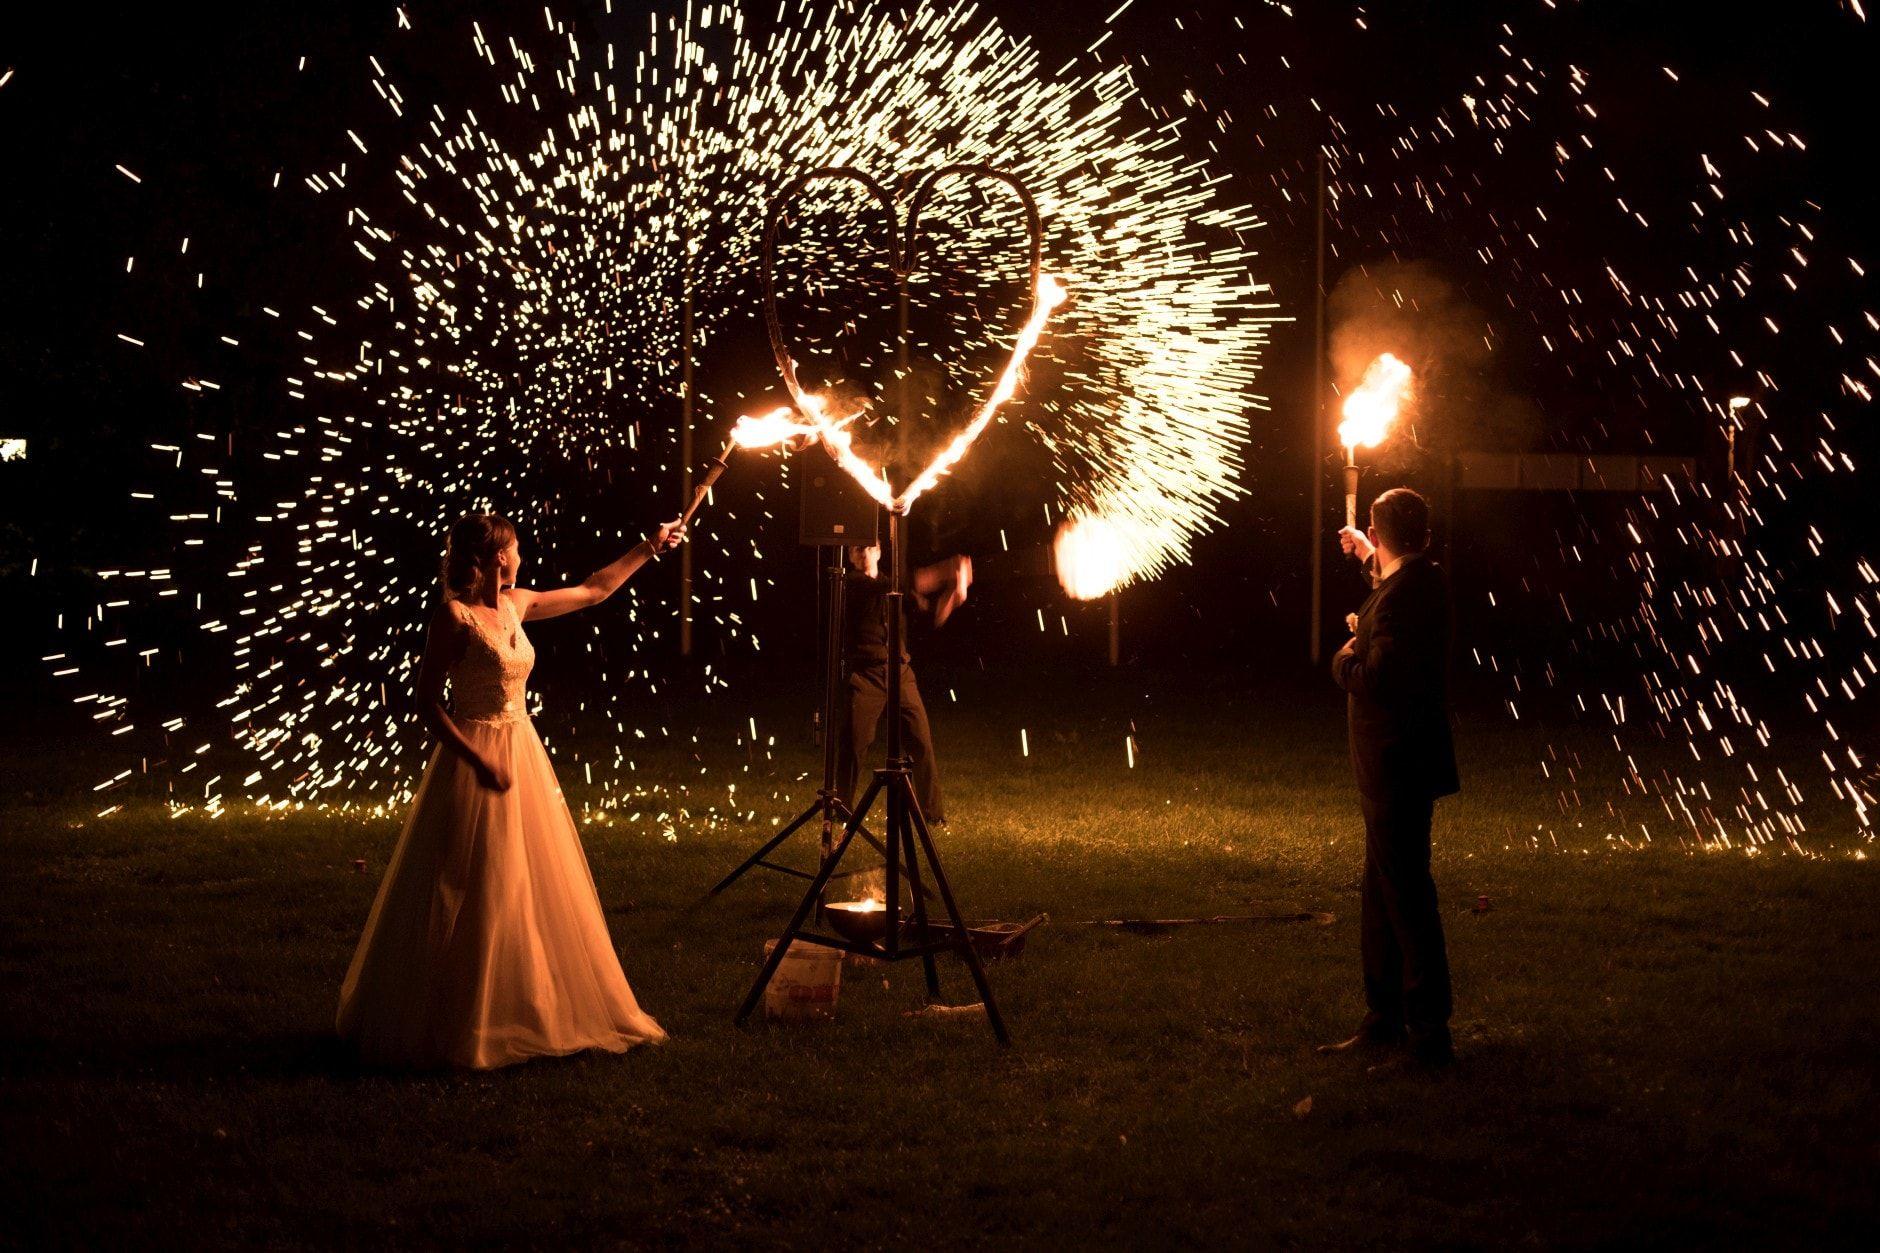 Nürnberg Fotograf eine feuershow bei einer hochzeit ist eine tolle unterhaltung und